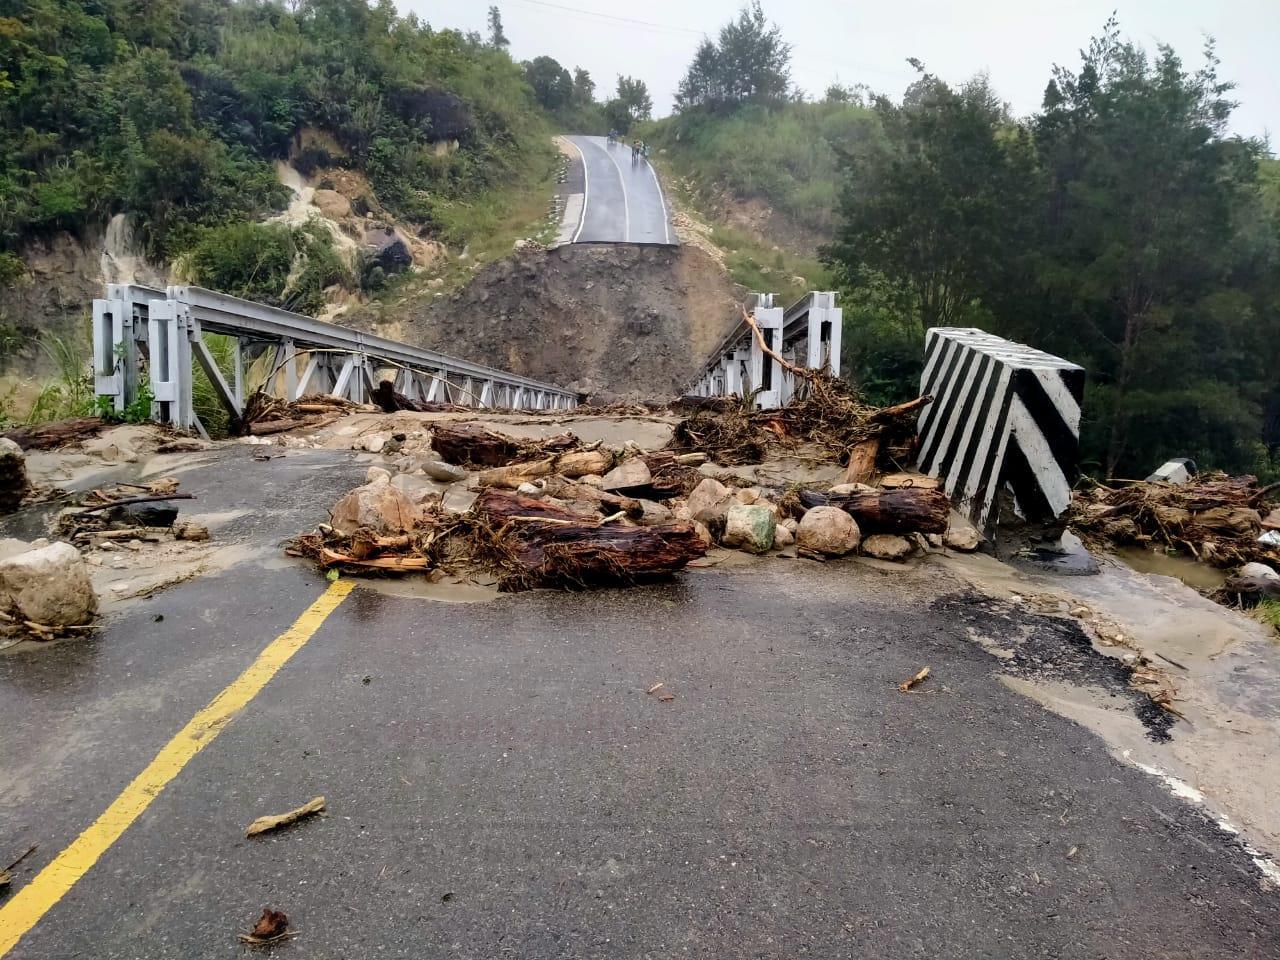 Pasca Banjir Bandang di Yalimo, PLN Lakukan Pemadaman Bergilir Selama Enam Hari Kedepan 1 IMG 20210223 WA0076